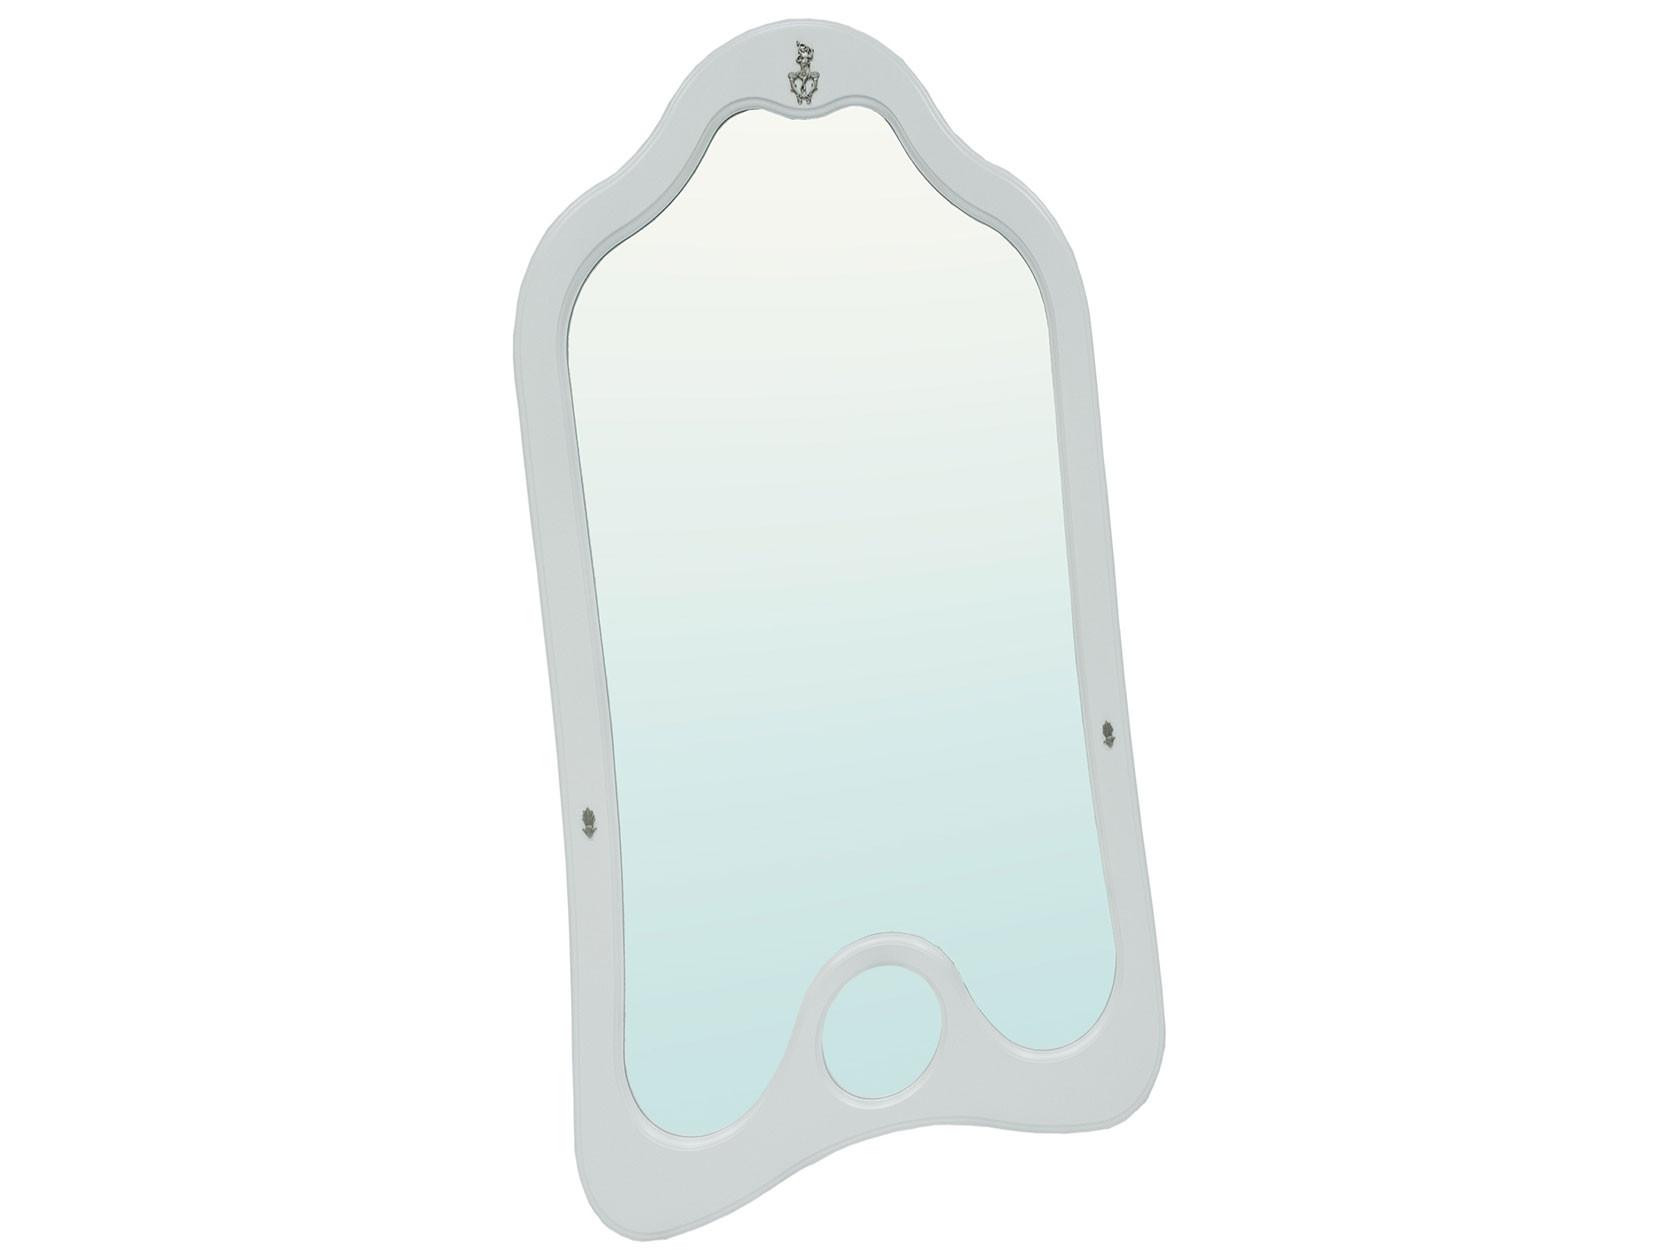 Настенное зеркало Первый Мебельный Зеркало Джульетта настенное зеркало первый мебельный зеркало линате